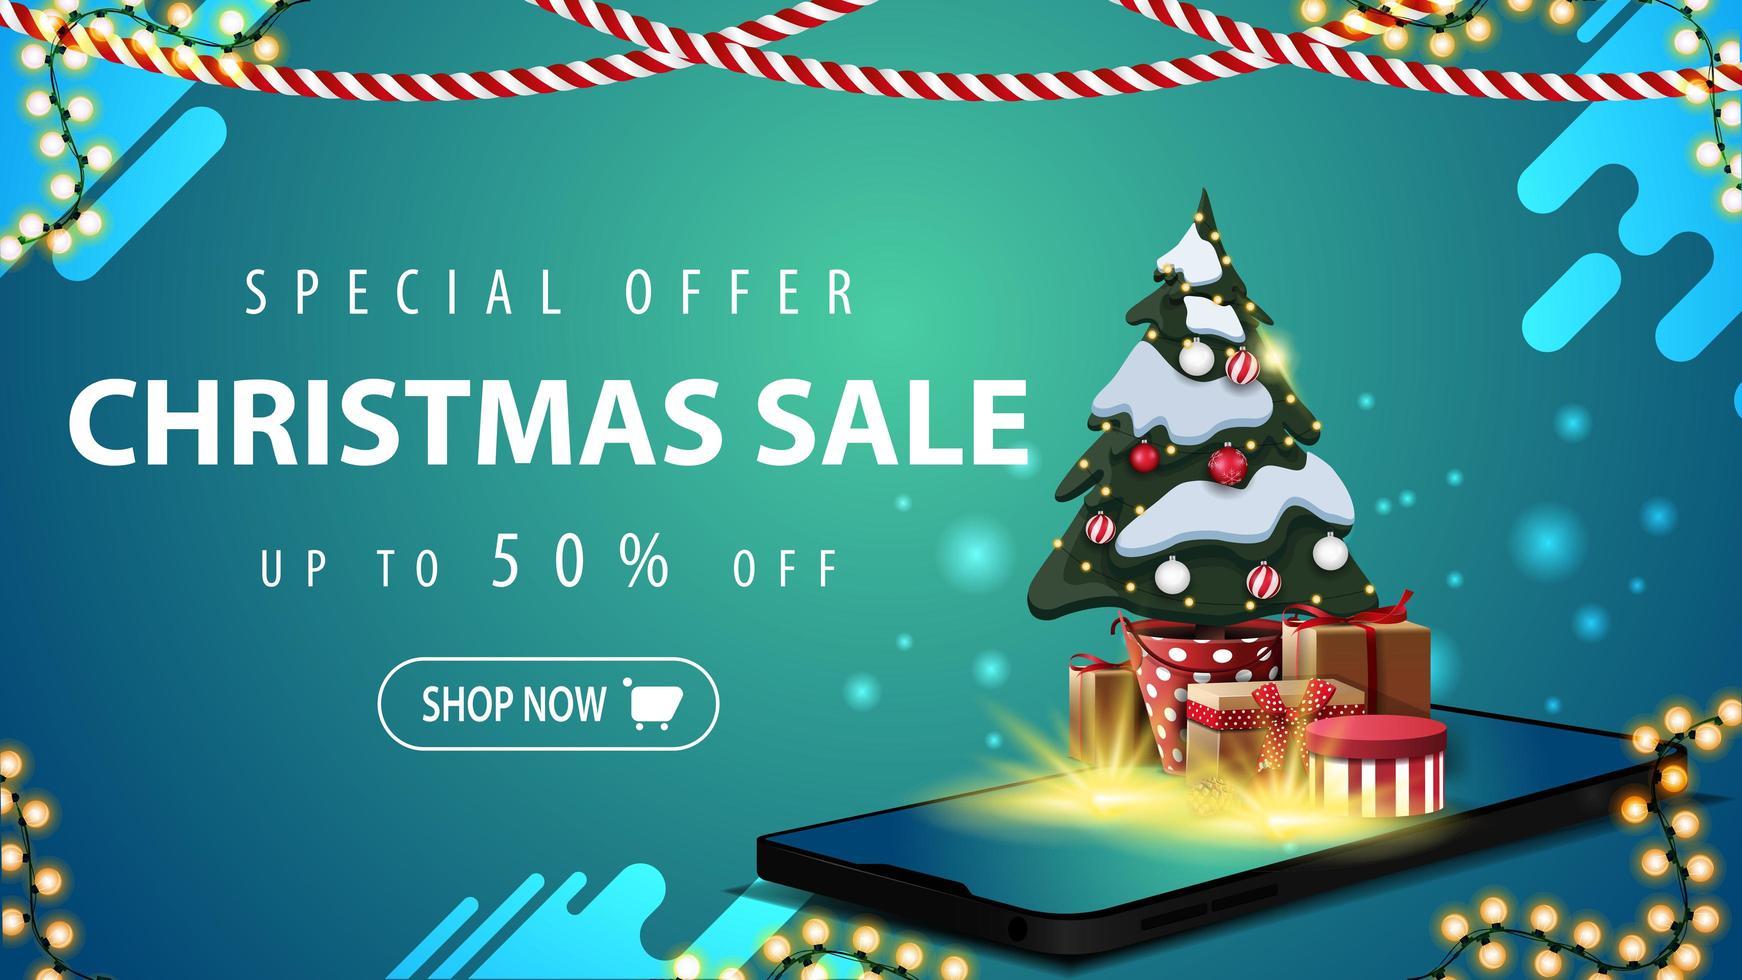 oferta especial, rebajas navideñas, hasta 50 de descuento, banner de descuento azul para sitio web con guirnaldas, botón y smartphone desde la pantalla que aparecen árbol de navidad en una maceta con regalos vector